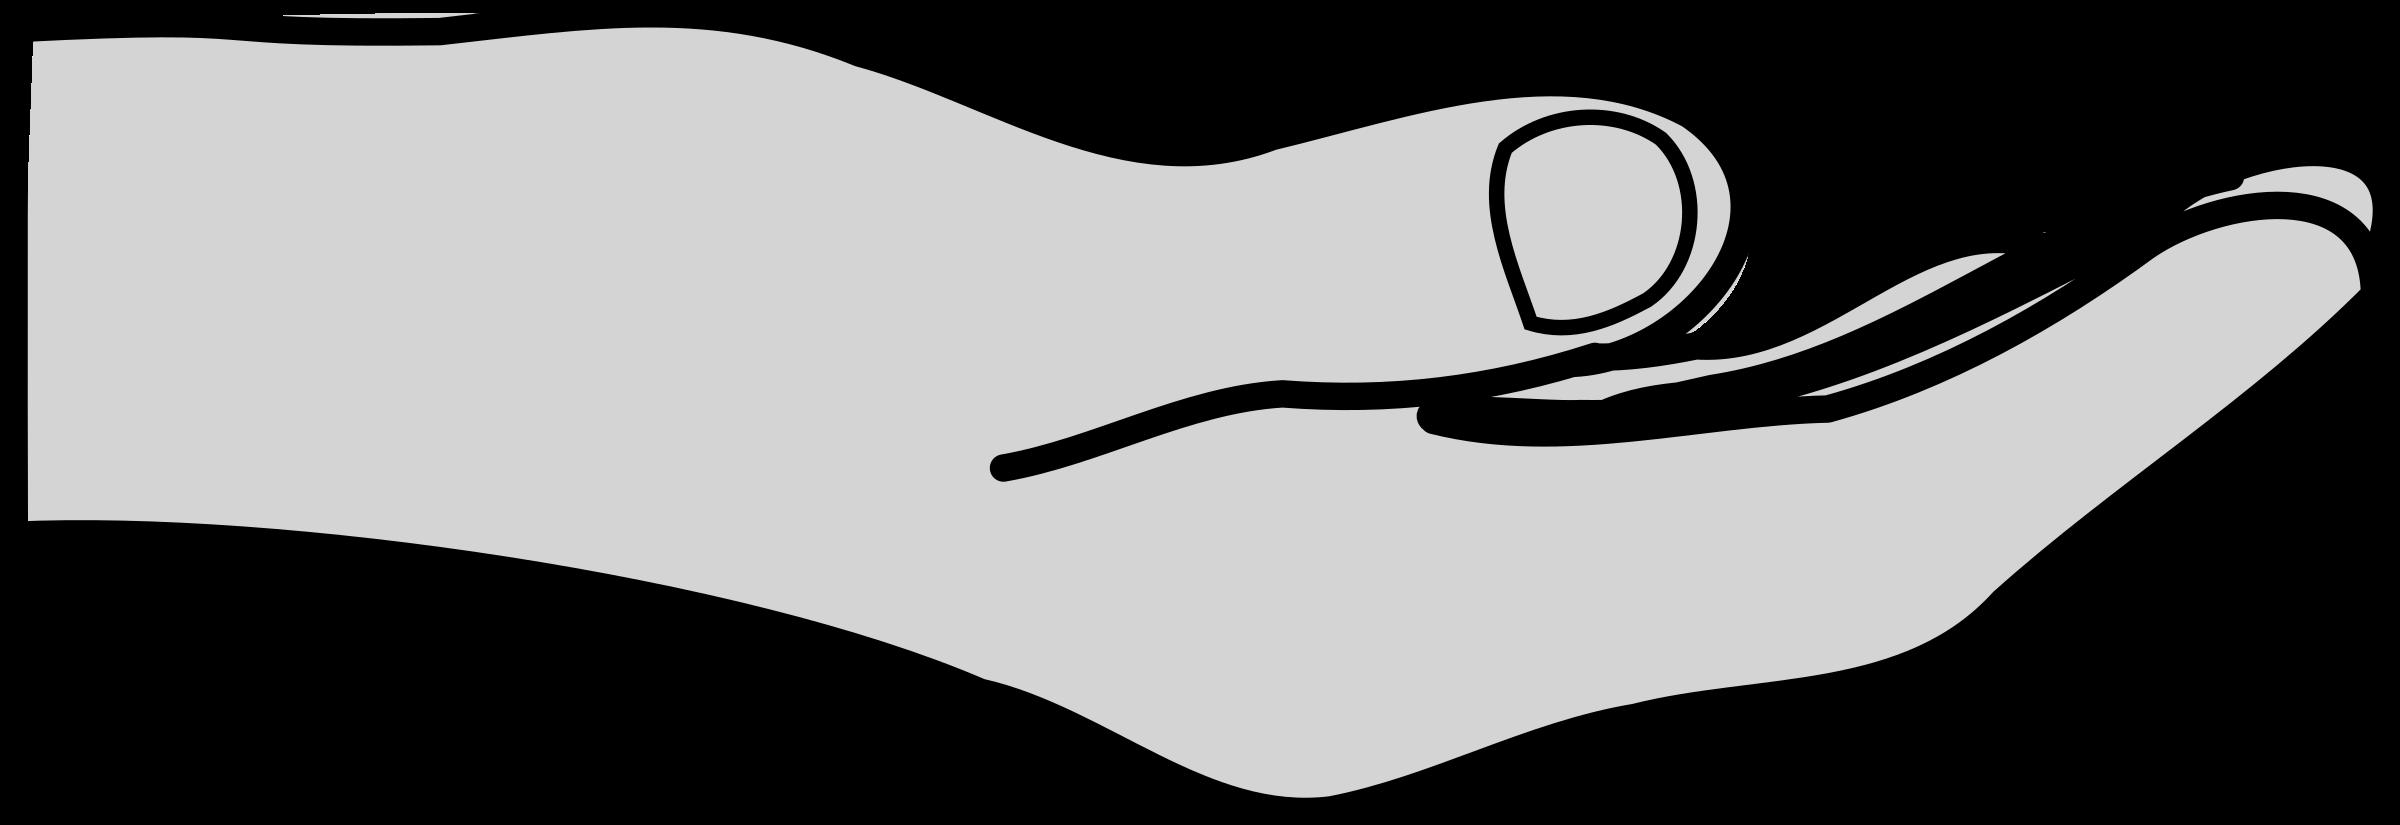 Open Giving Hands PNG - 135028